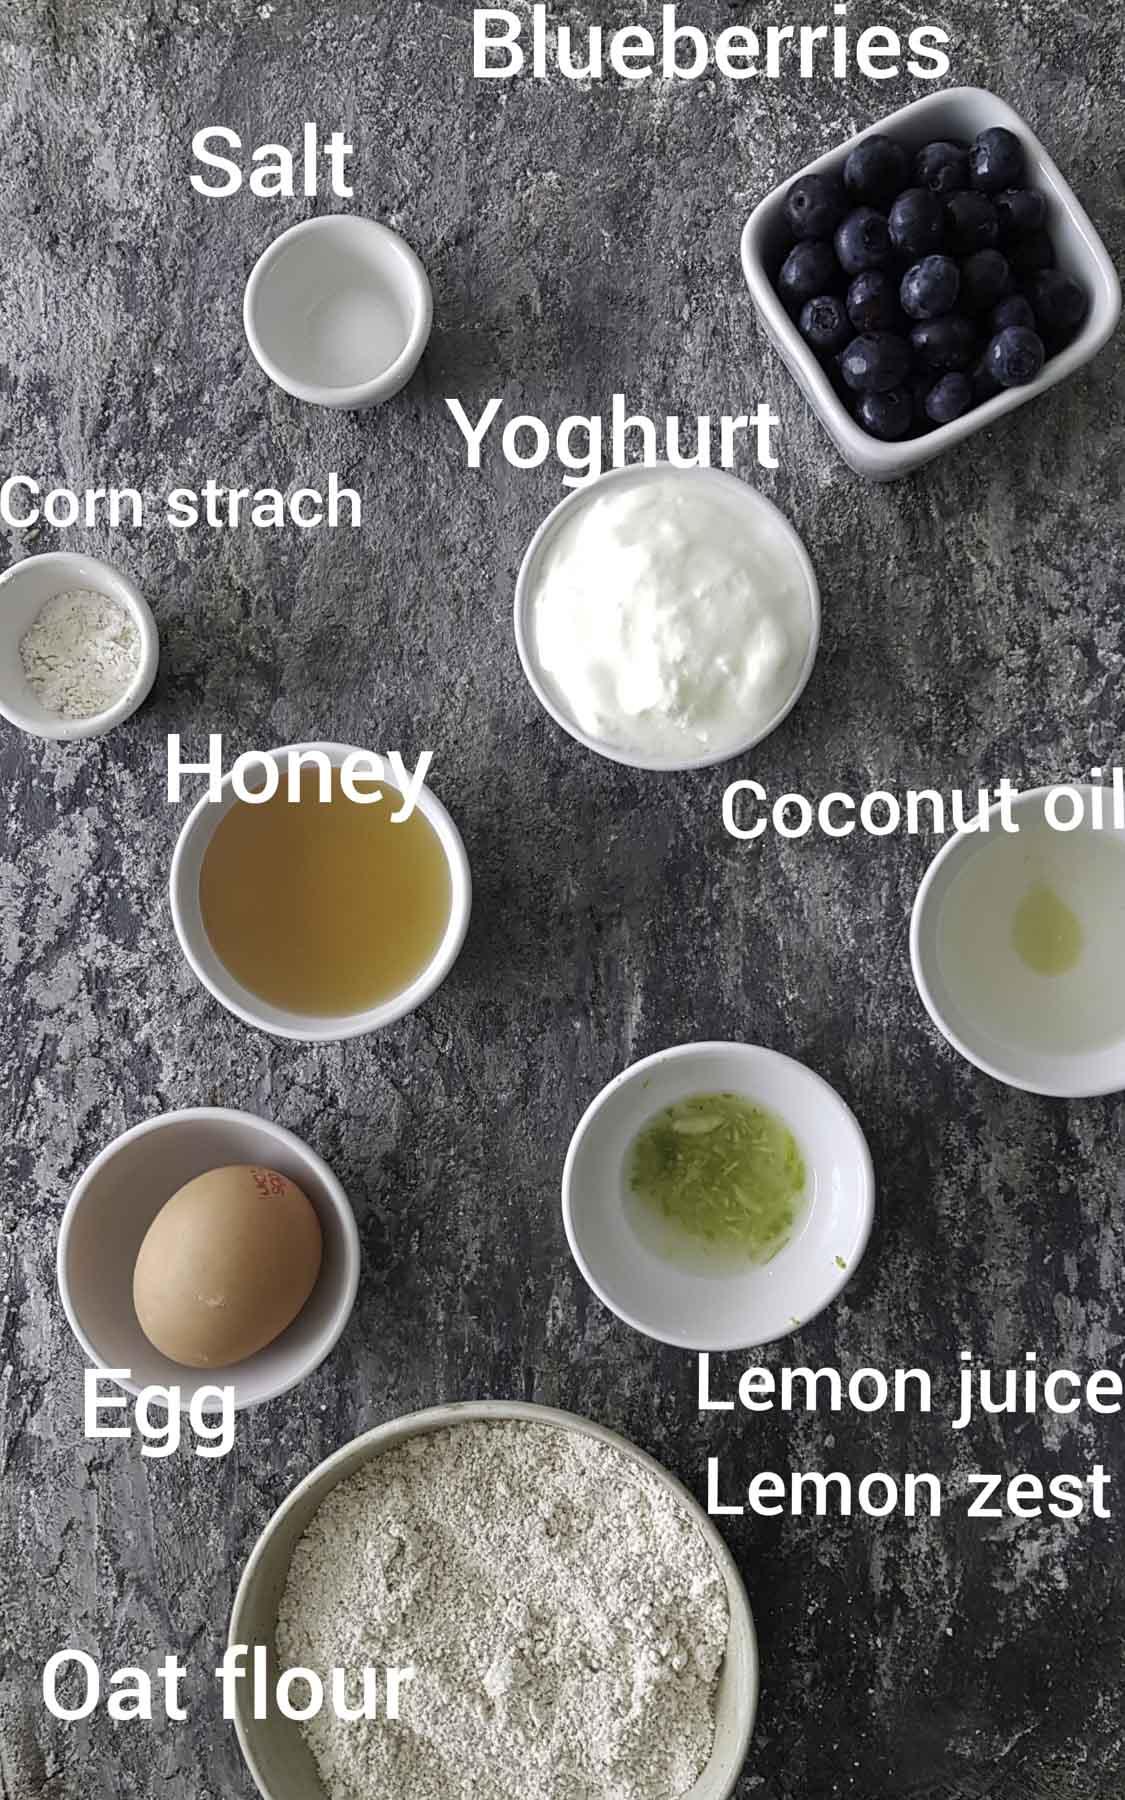 ingredients - blueberries, oatflour,oil,honey,lemon juice,egg, salt